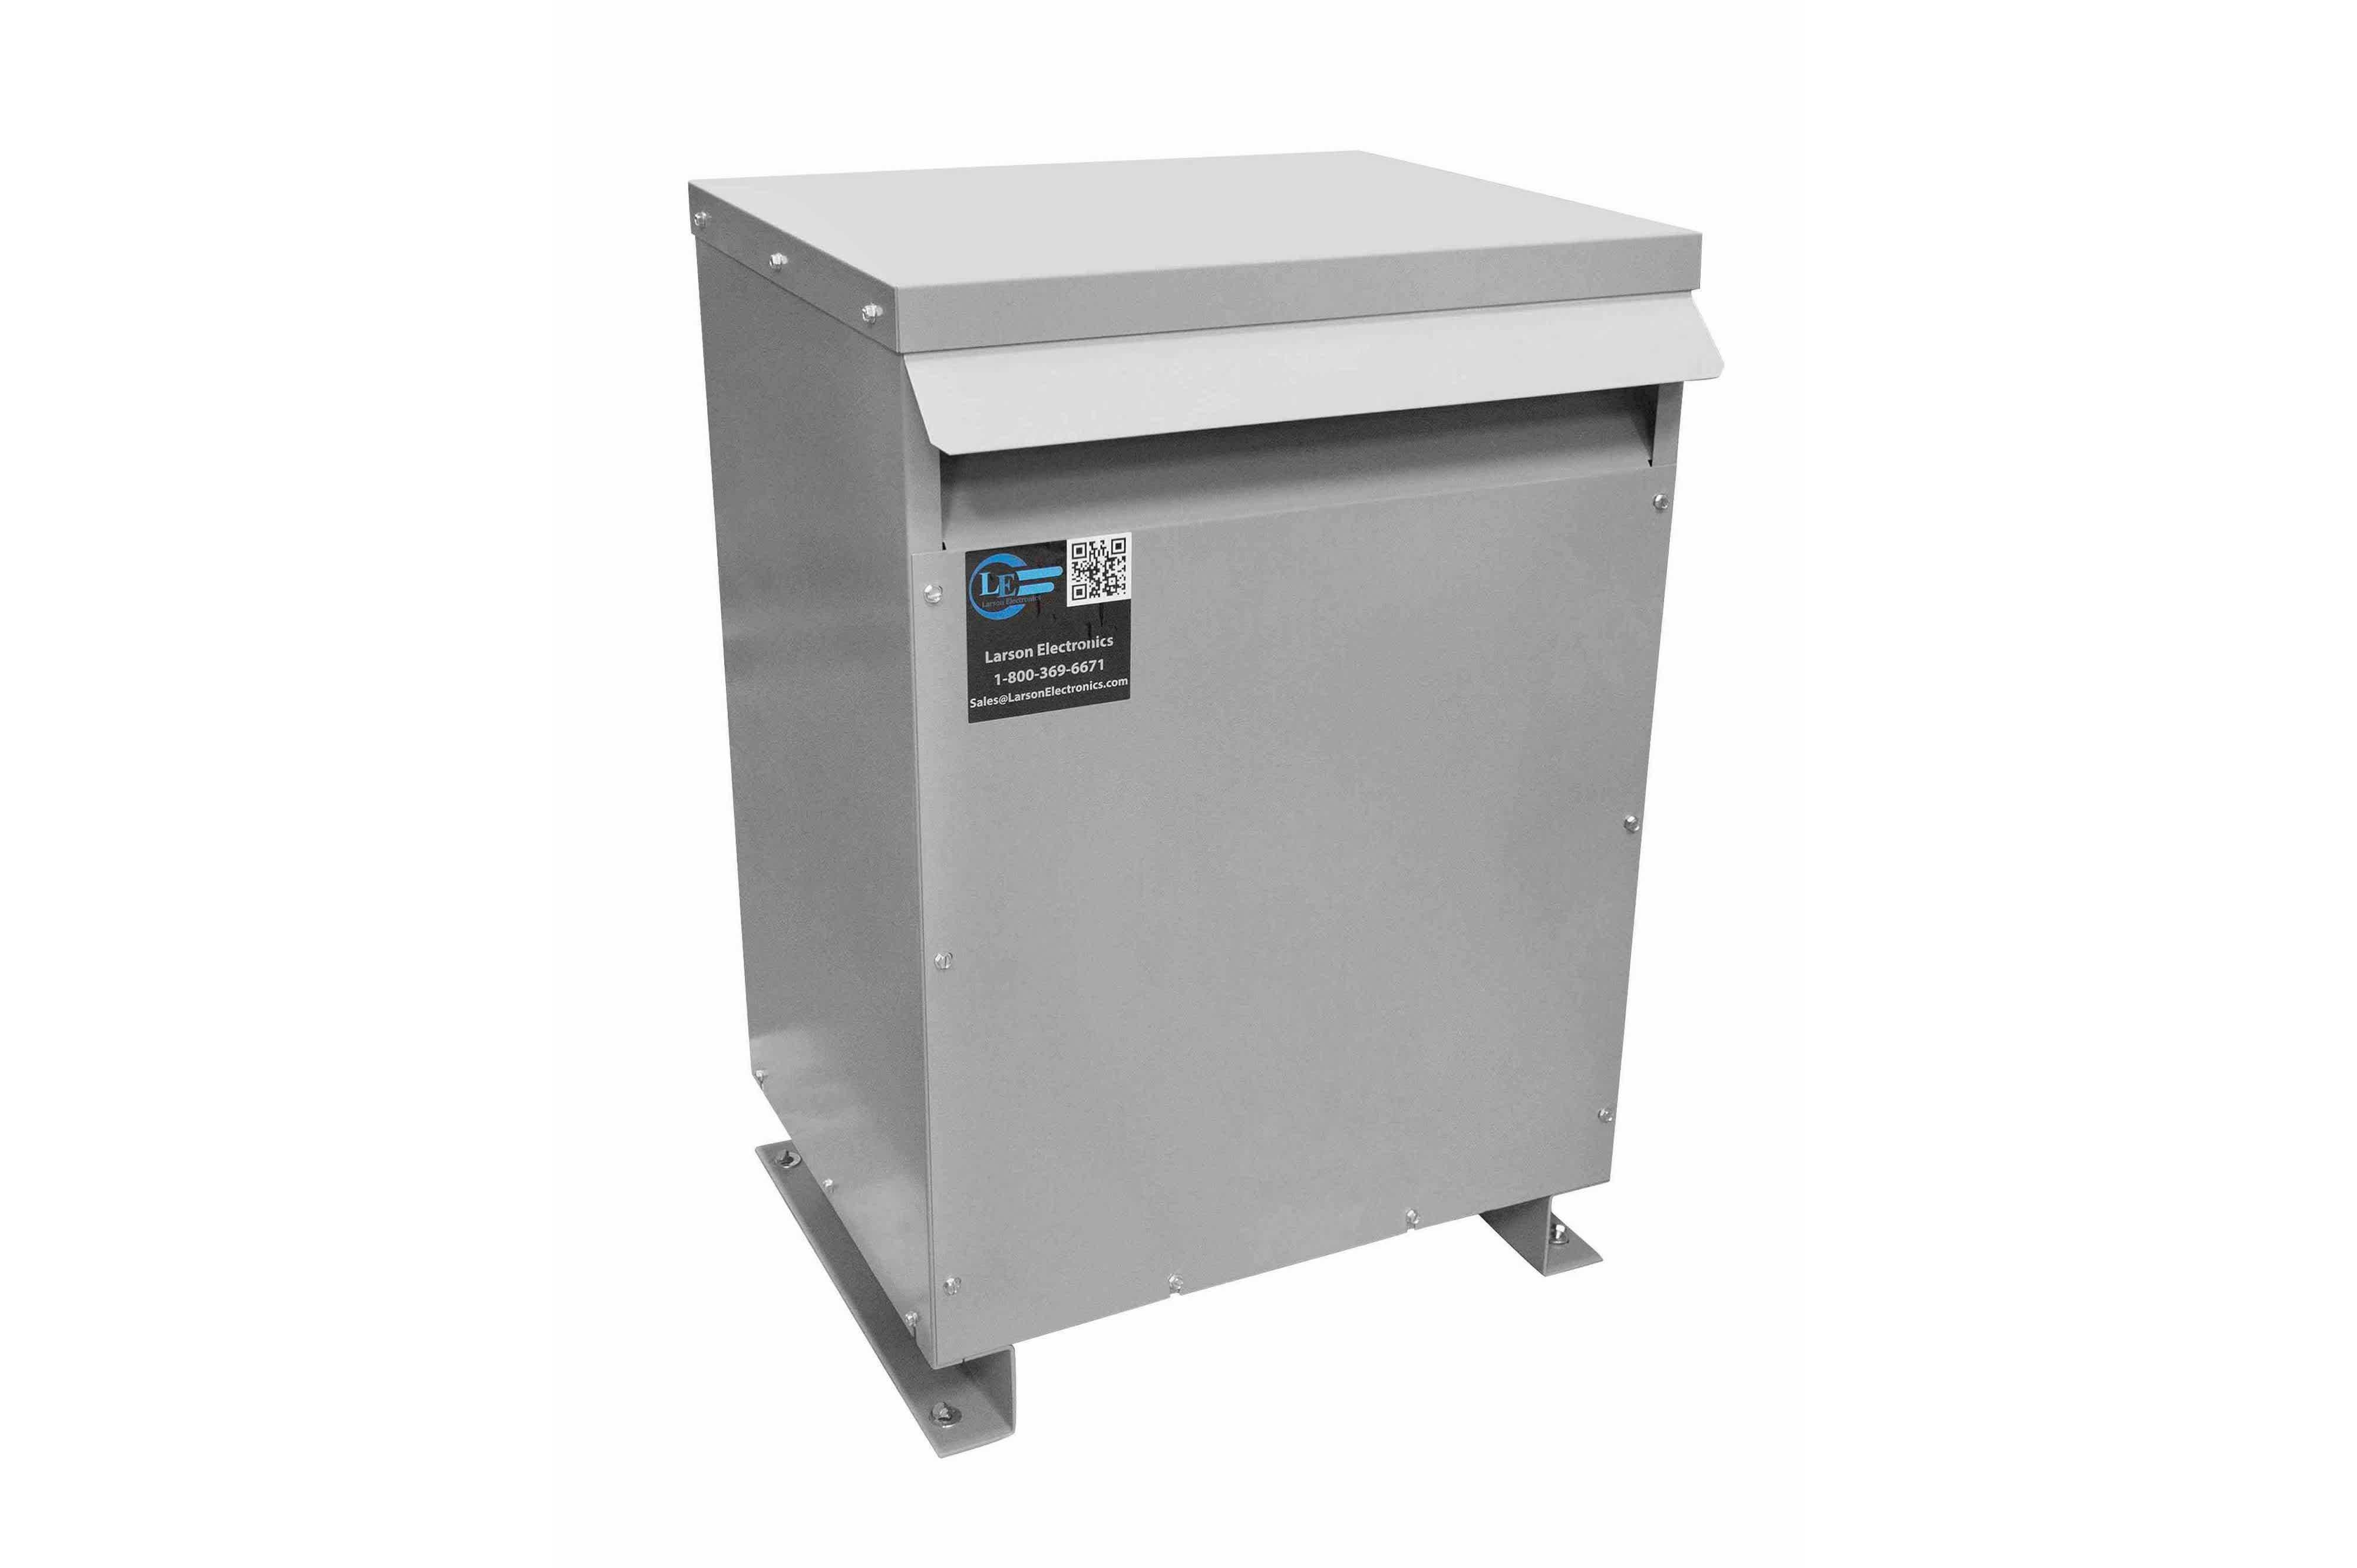 75 kVA 3PH Isolation Transformer, 415V Delta Primary, 240 Delta Secondary, N3R, Ventilated, 60 Hz